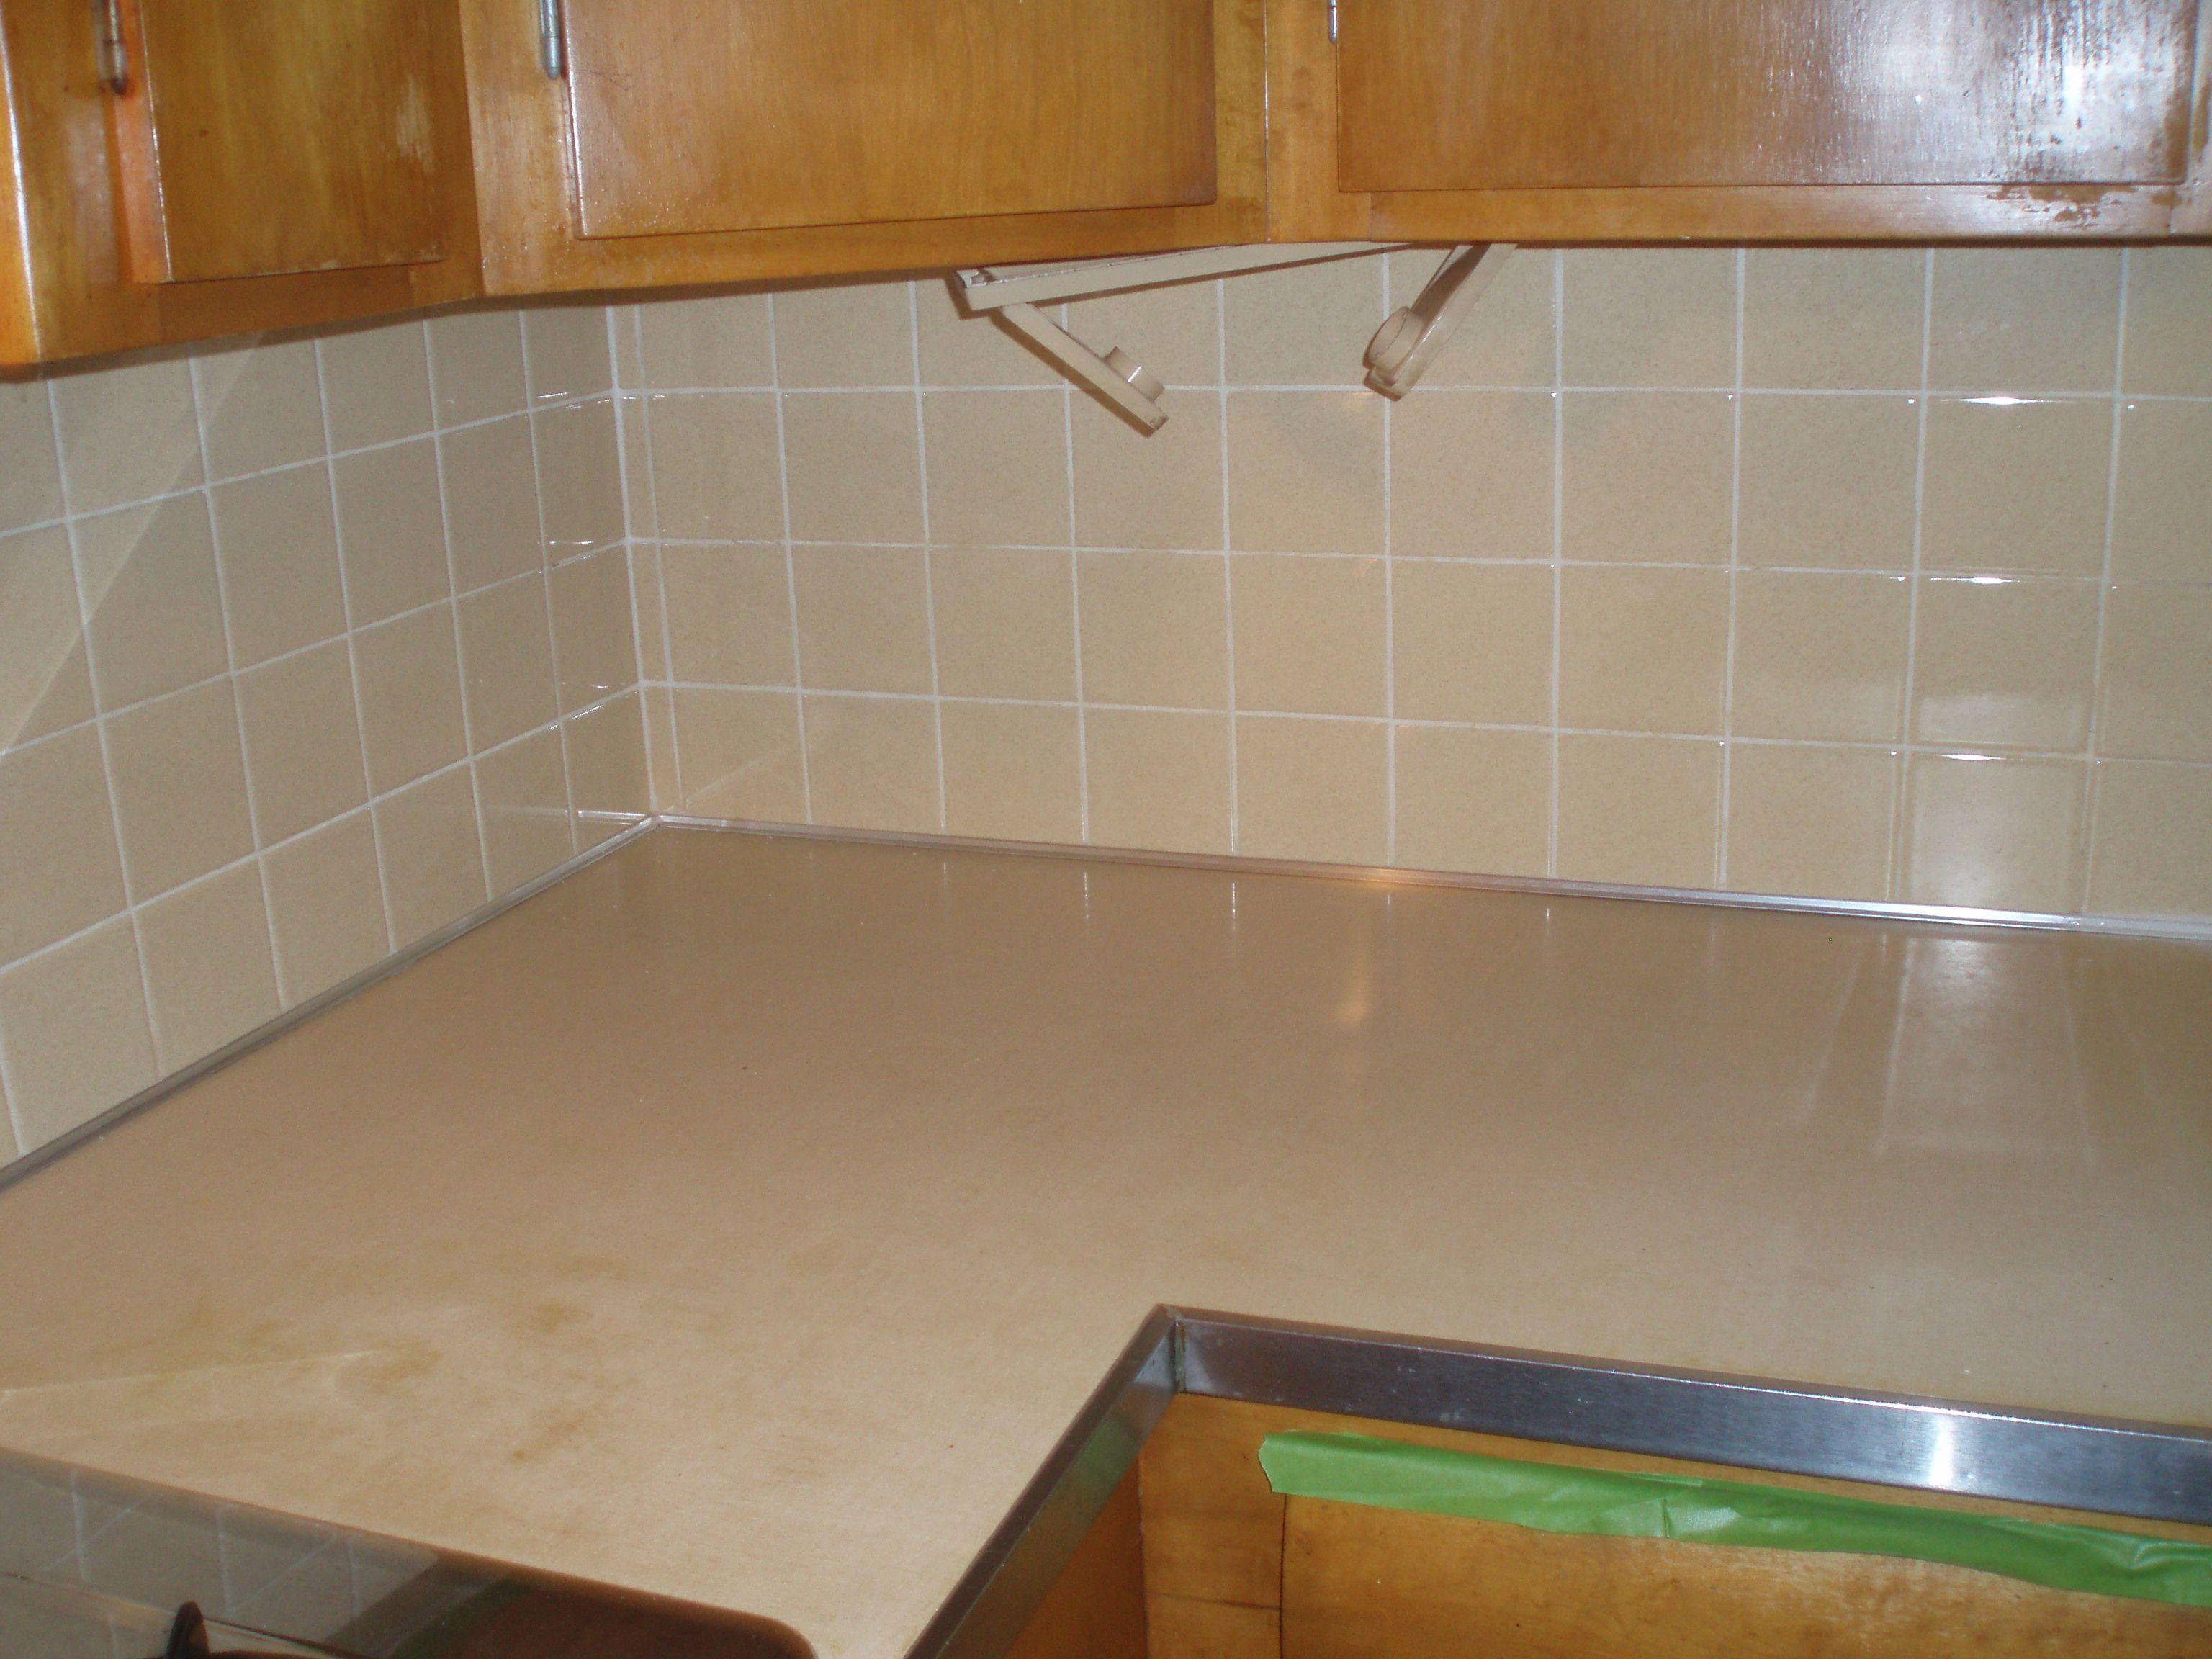 Painting tile backsplash home stuff pinterest painting tile how to paint a ceramic tile backsplash doublecrazyfo Images